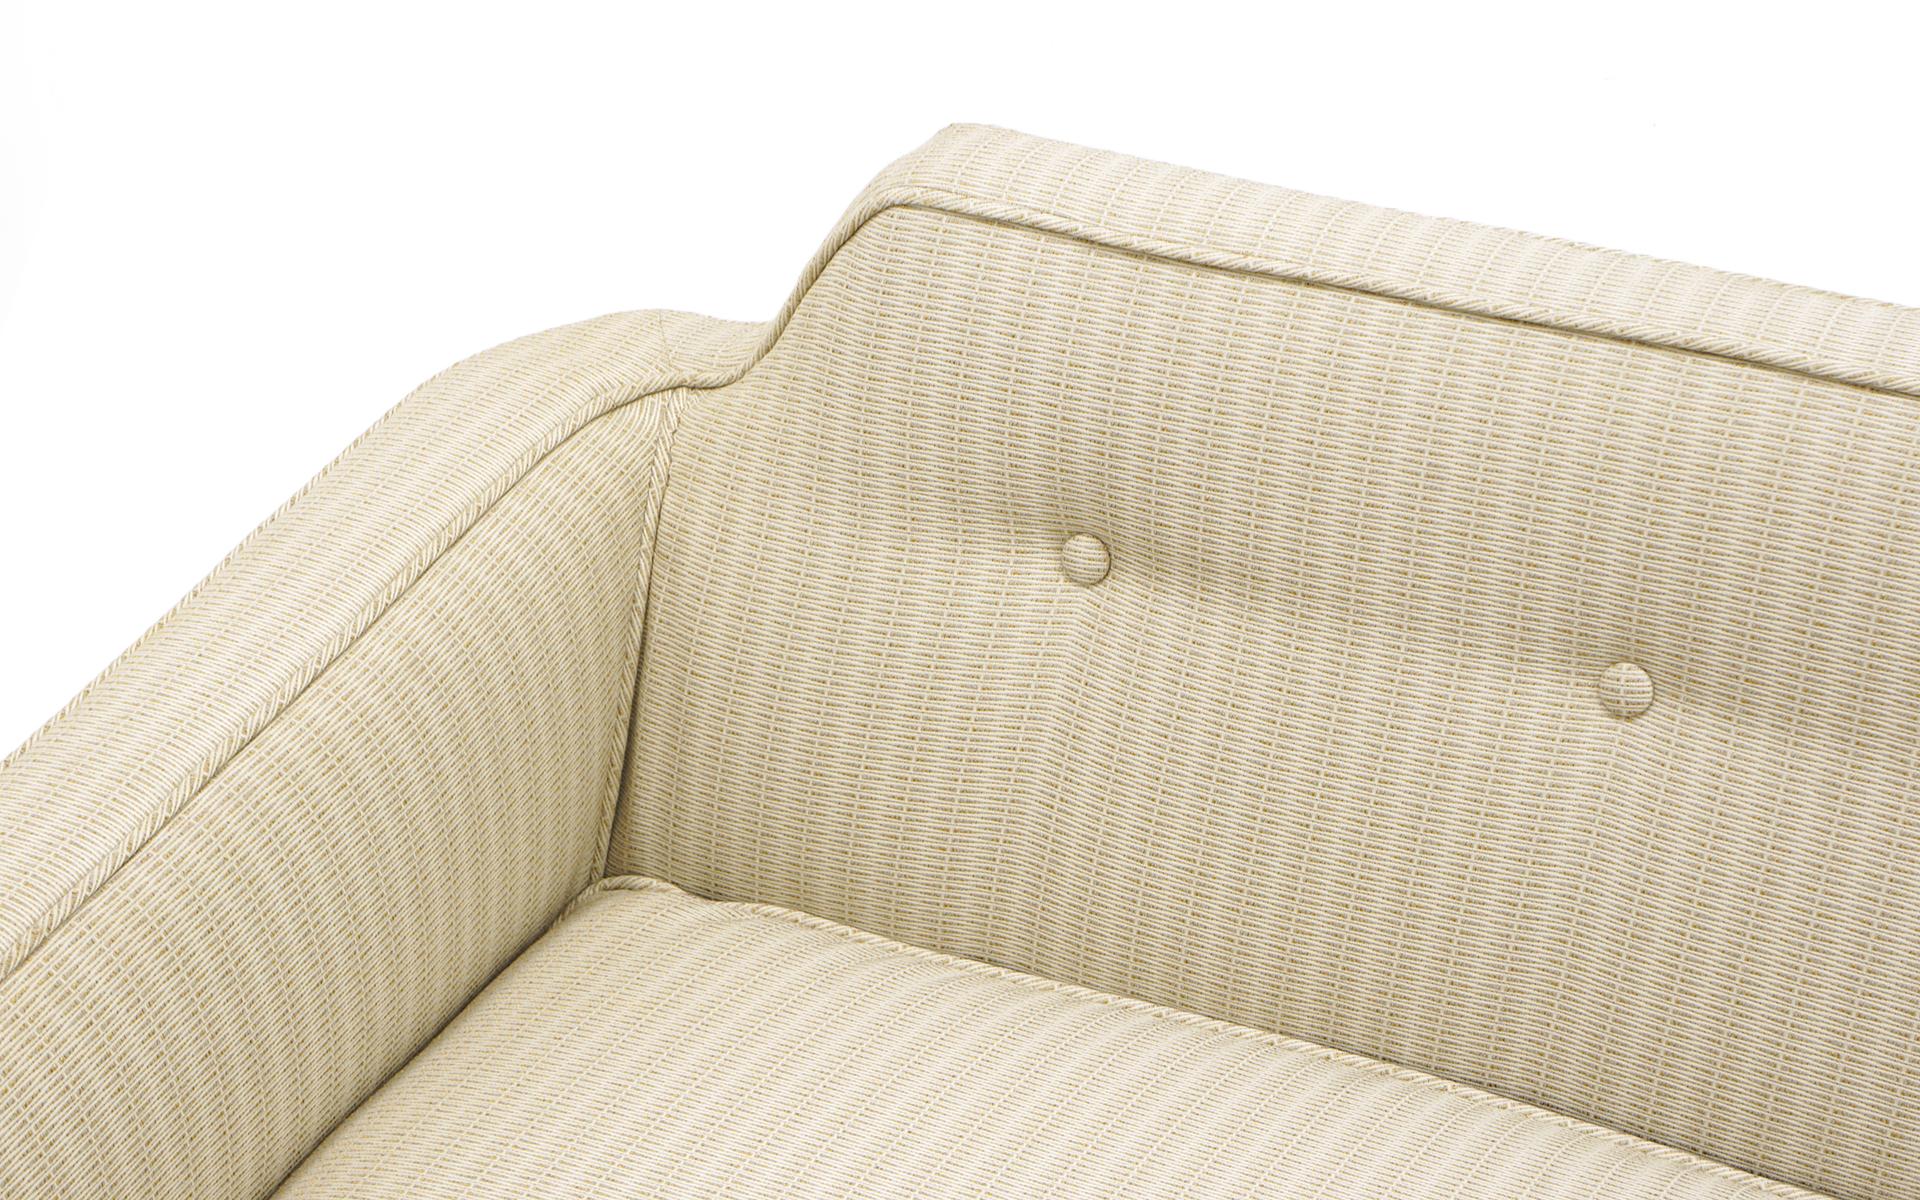 12 foot dunbar sofa designed by edward wormley retro inferno